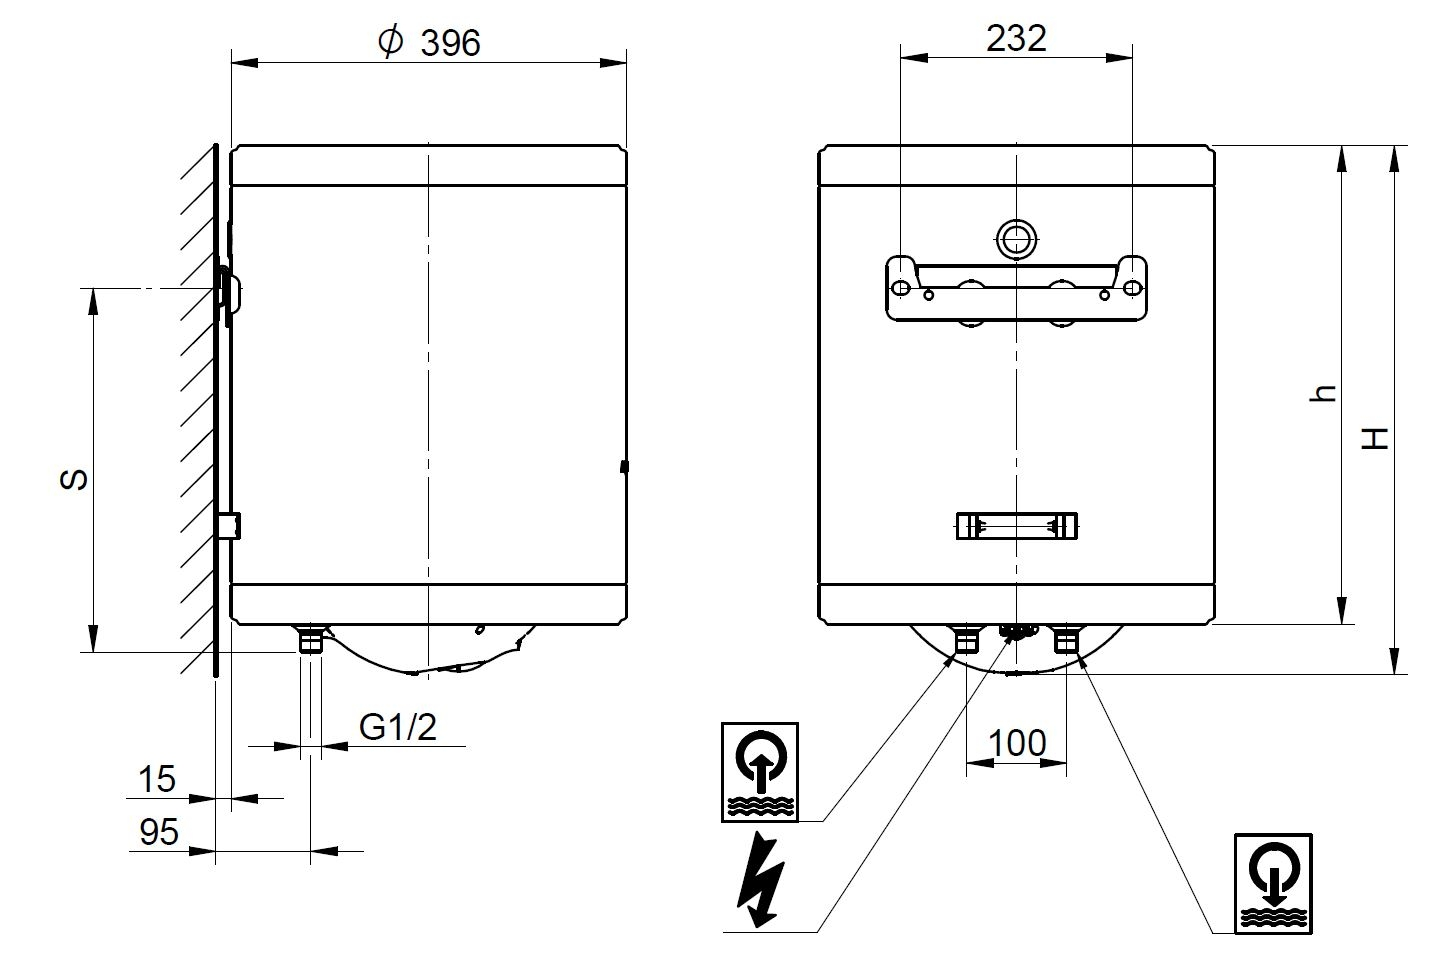 Aquastic (Hajdu Gyártmány) AQ Eco Slim 50 Függesztett villanybojler műszaki ábra